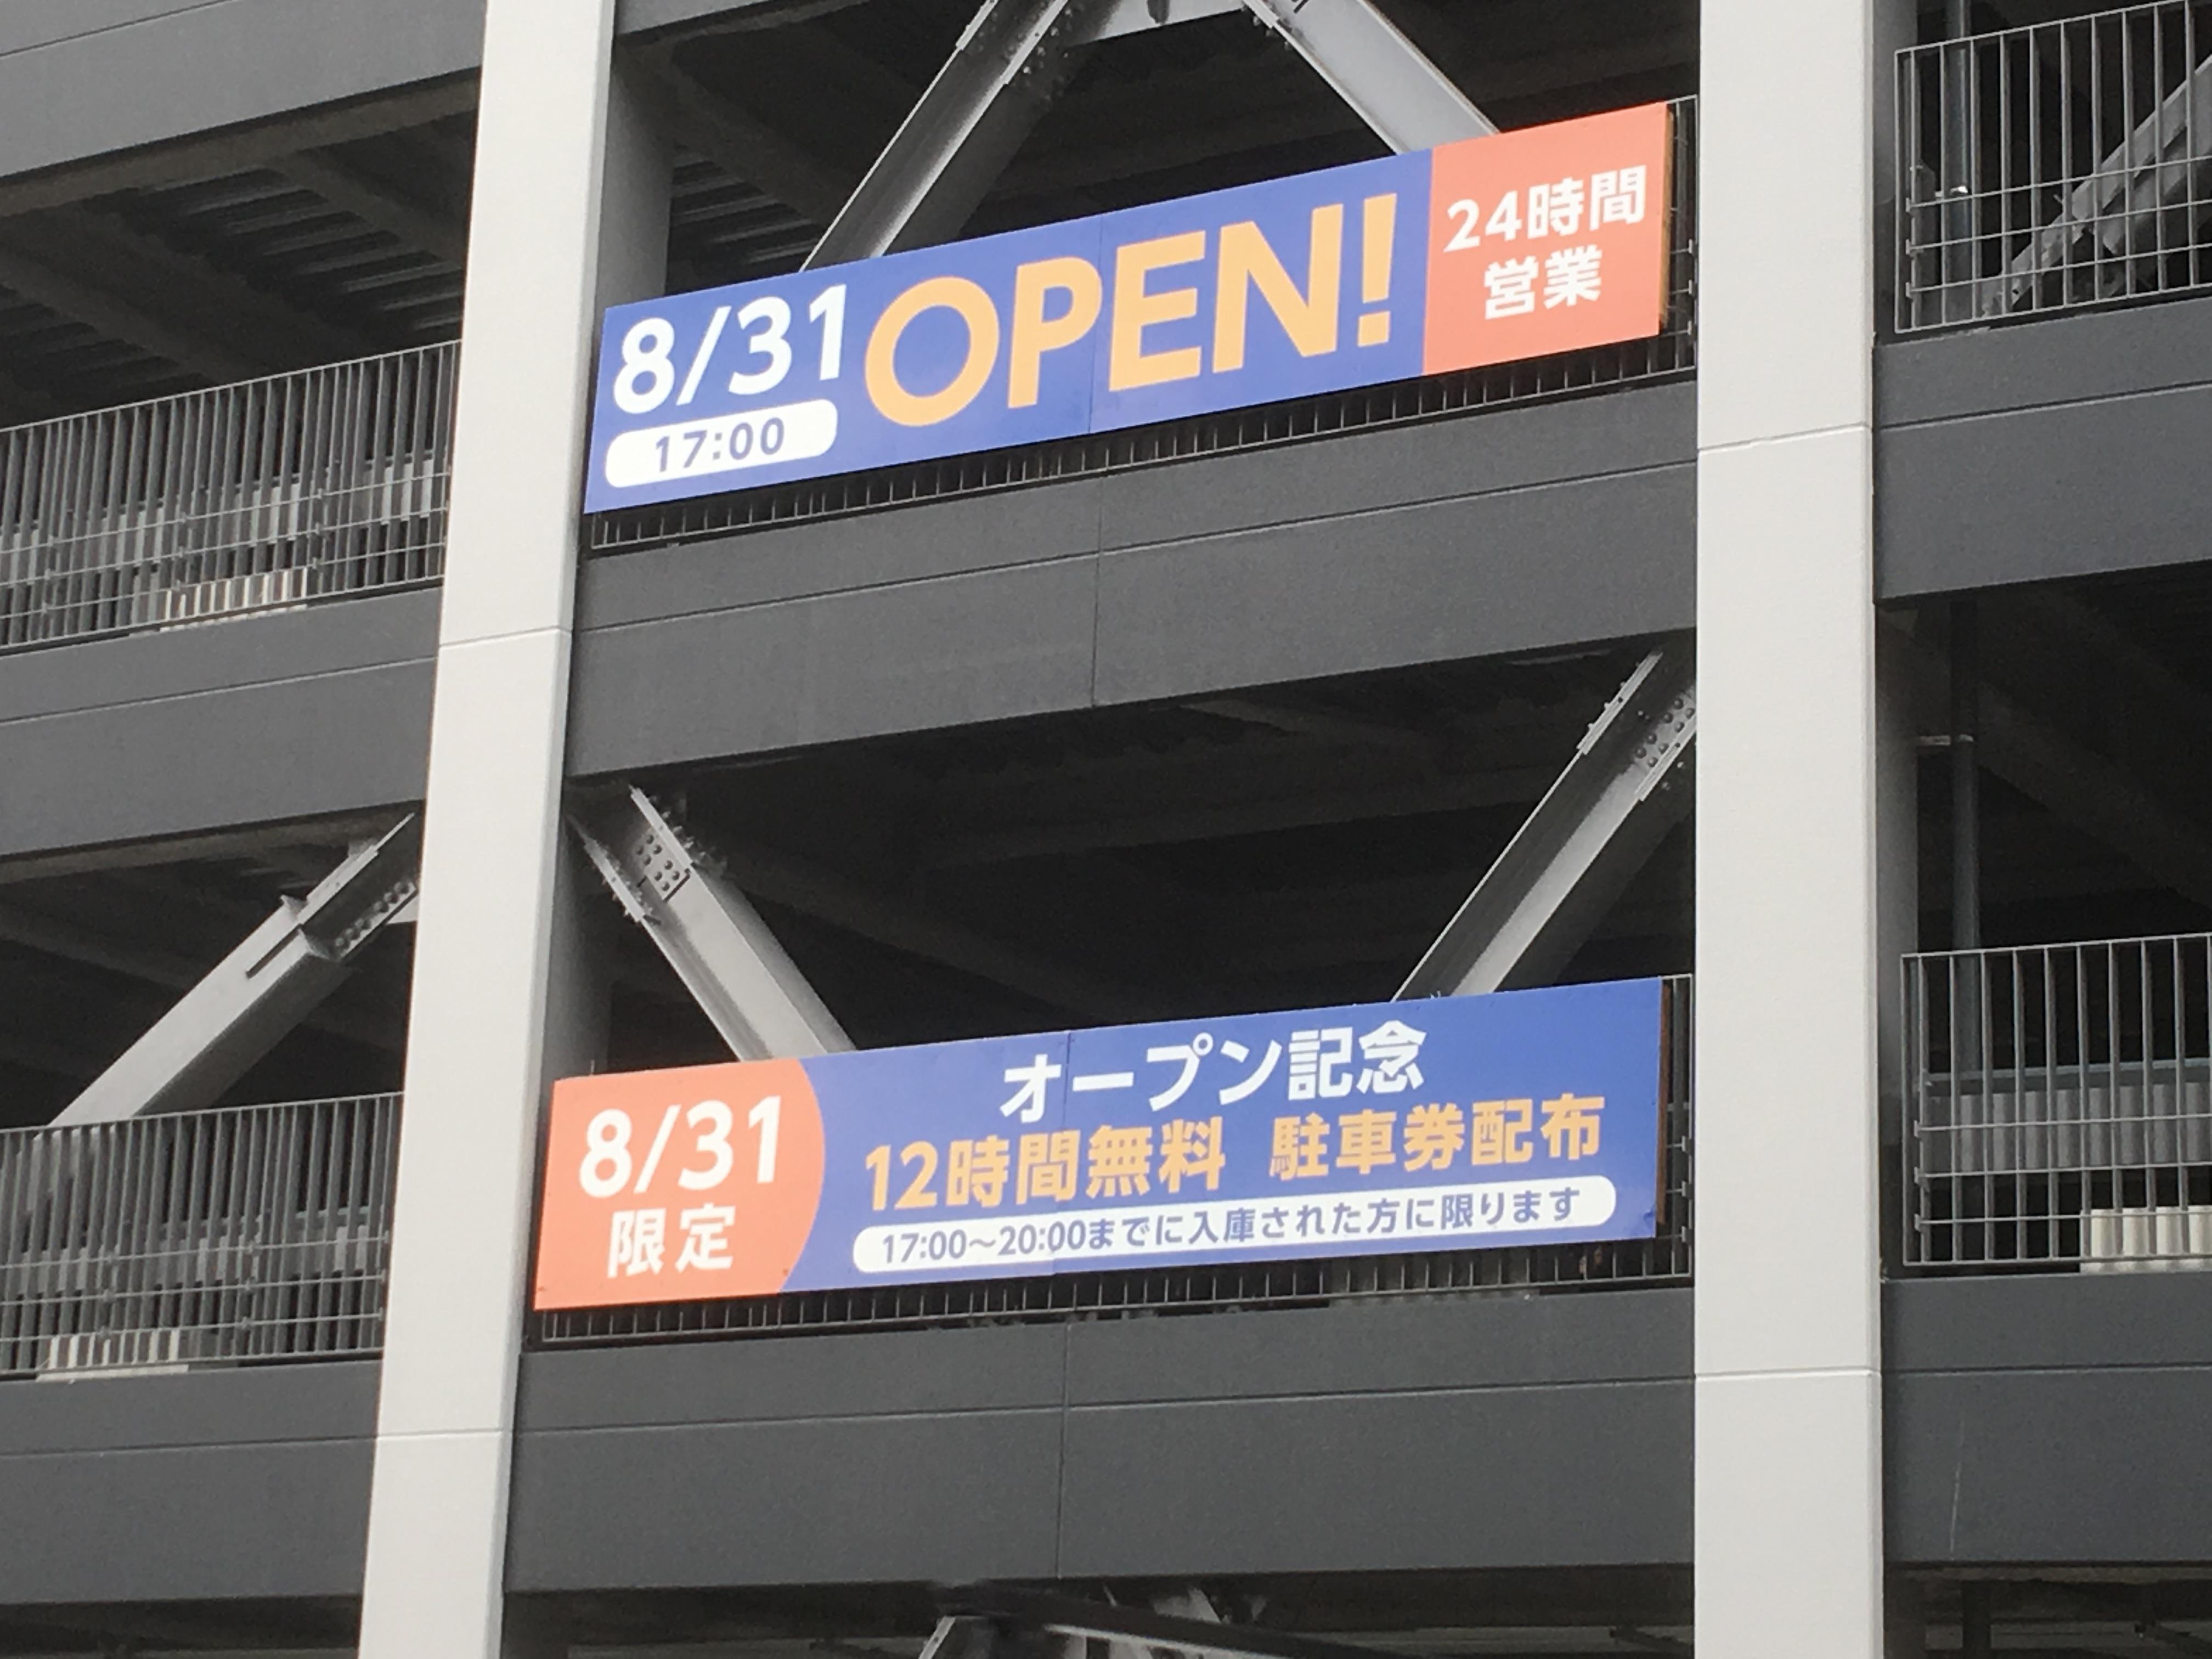 熊本市中心市街地に新たな立体駐車場が誕生!「The! PARKING24」【8月31日】